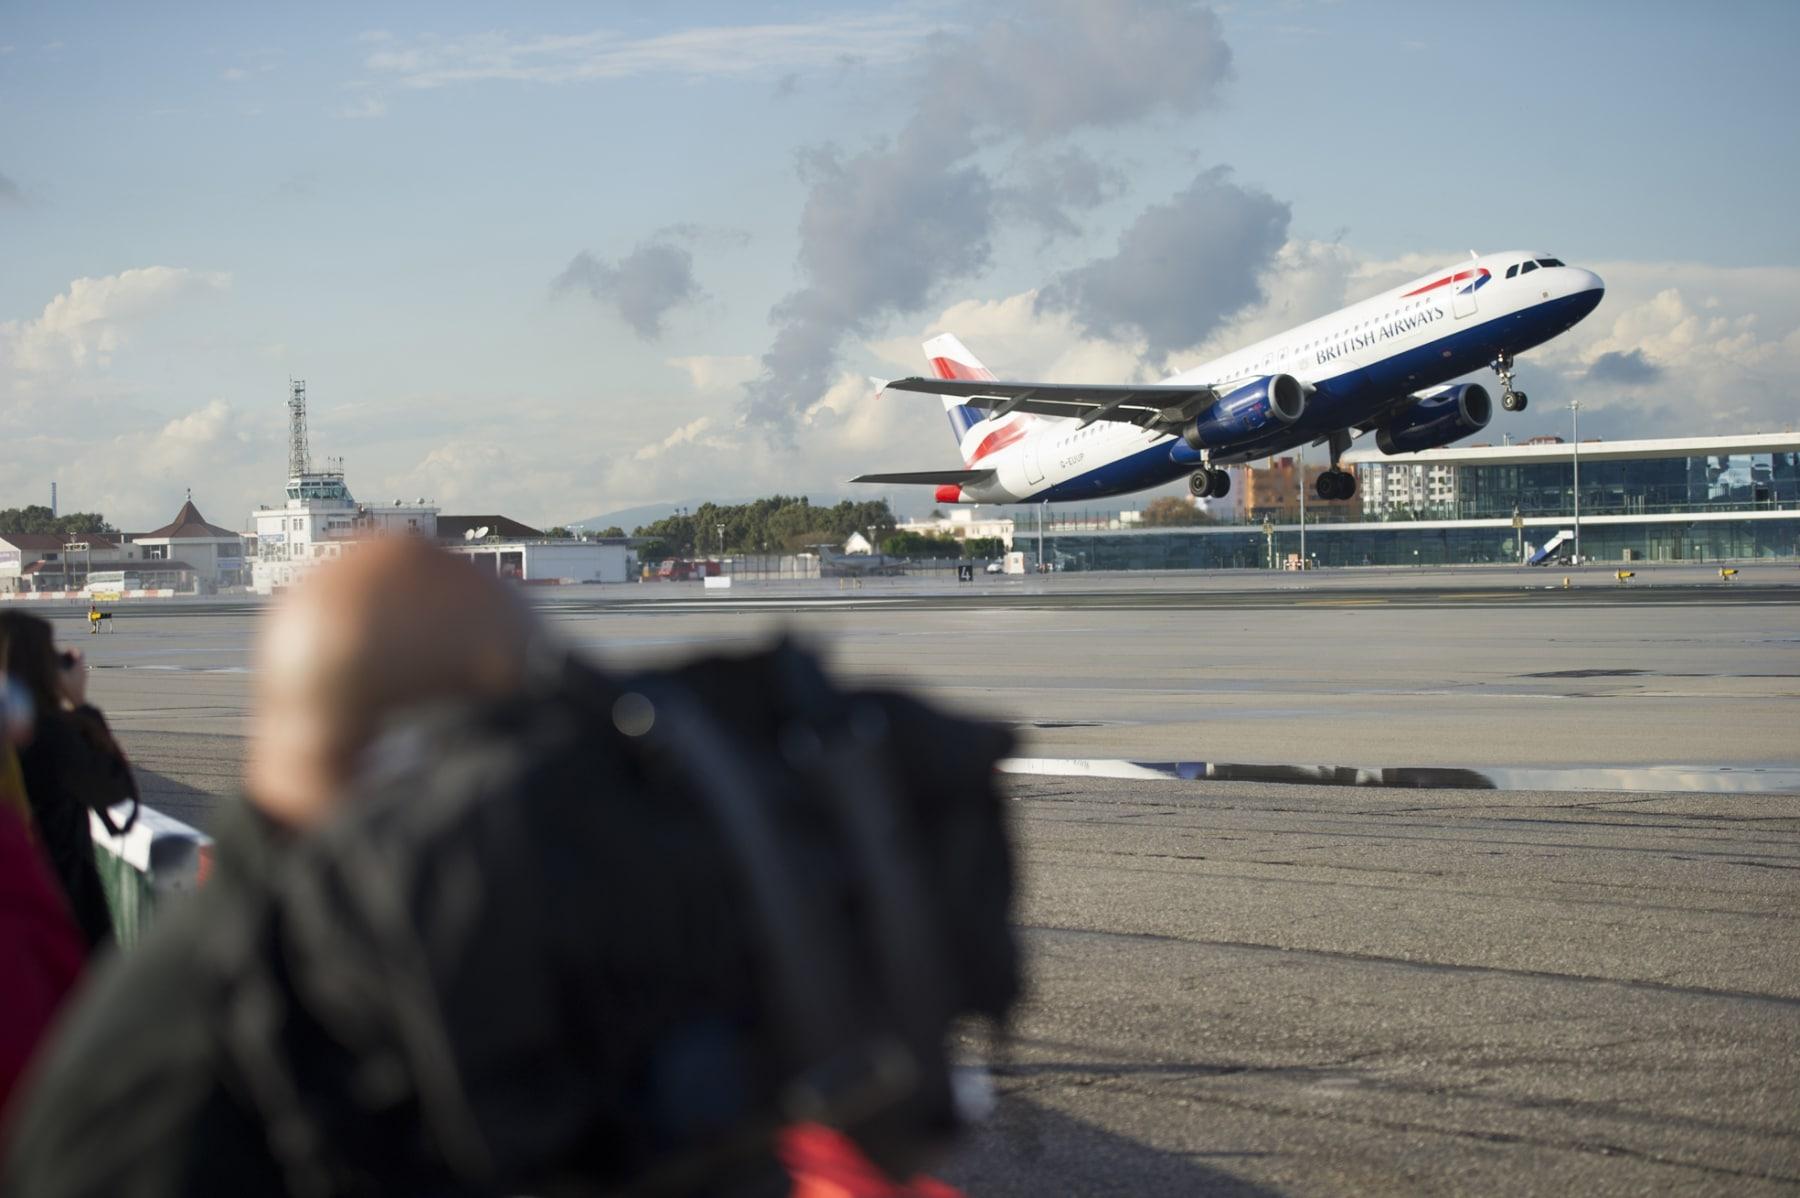 simulacro-accidente-aereo-en-gibraltar-03122014-01_15943274702_o